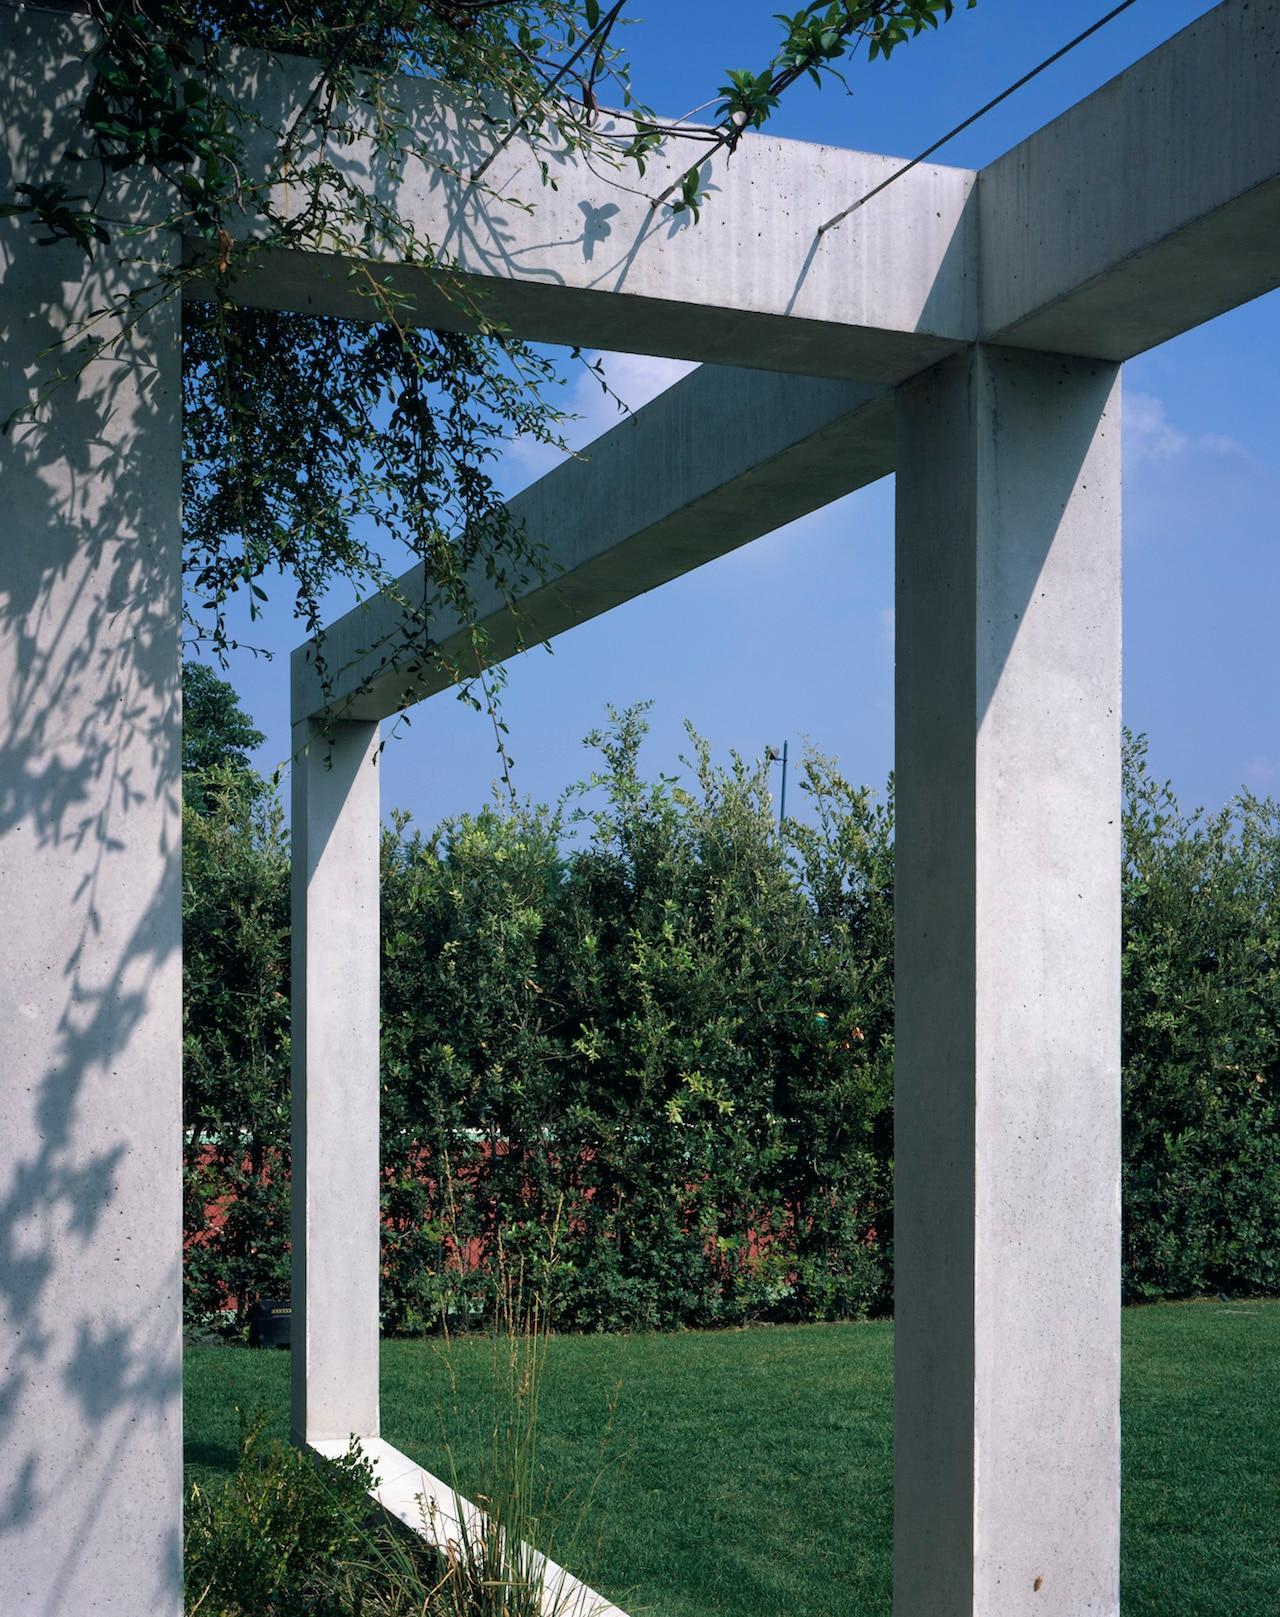 Cornici di cemento nella ristrutturazione di una casa di collina